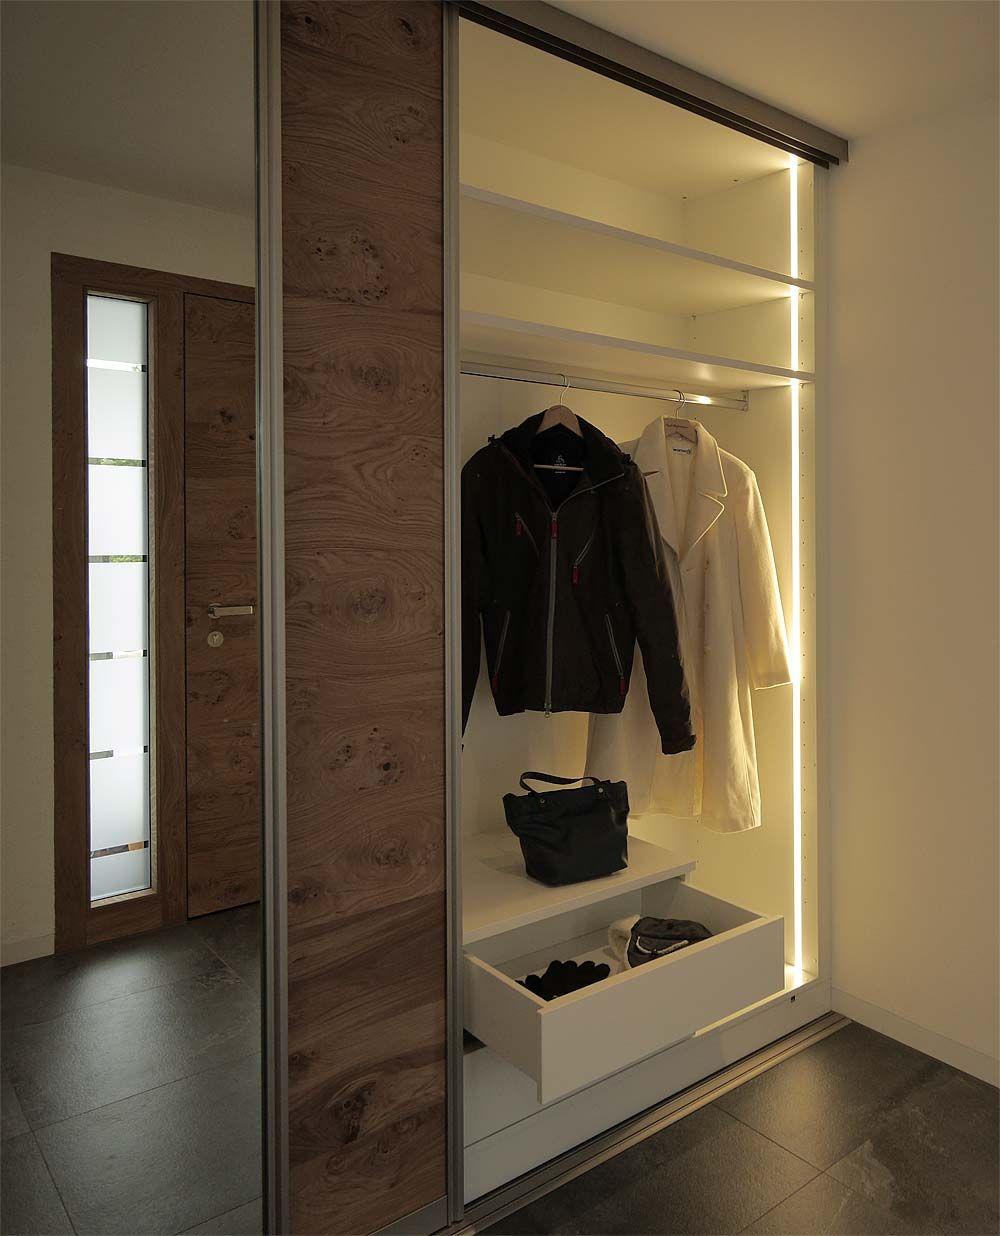 Garderoben Interessant Einbauschrank Garderobe Kosten Design